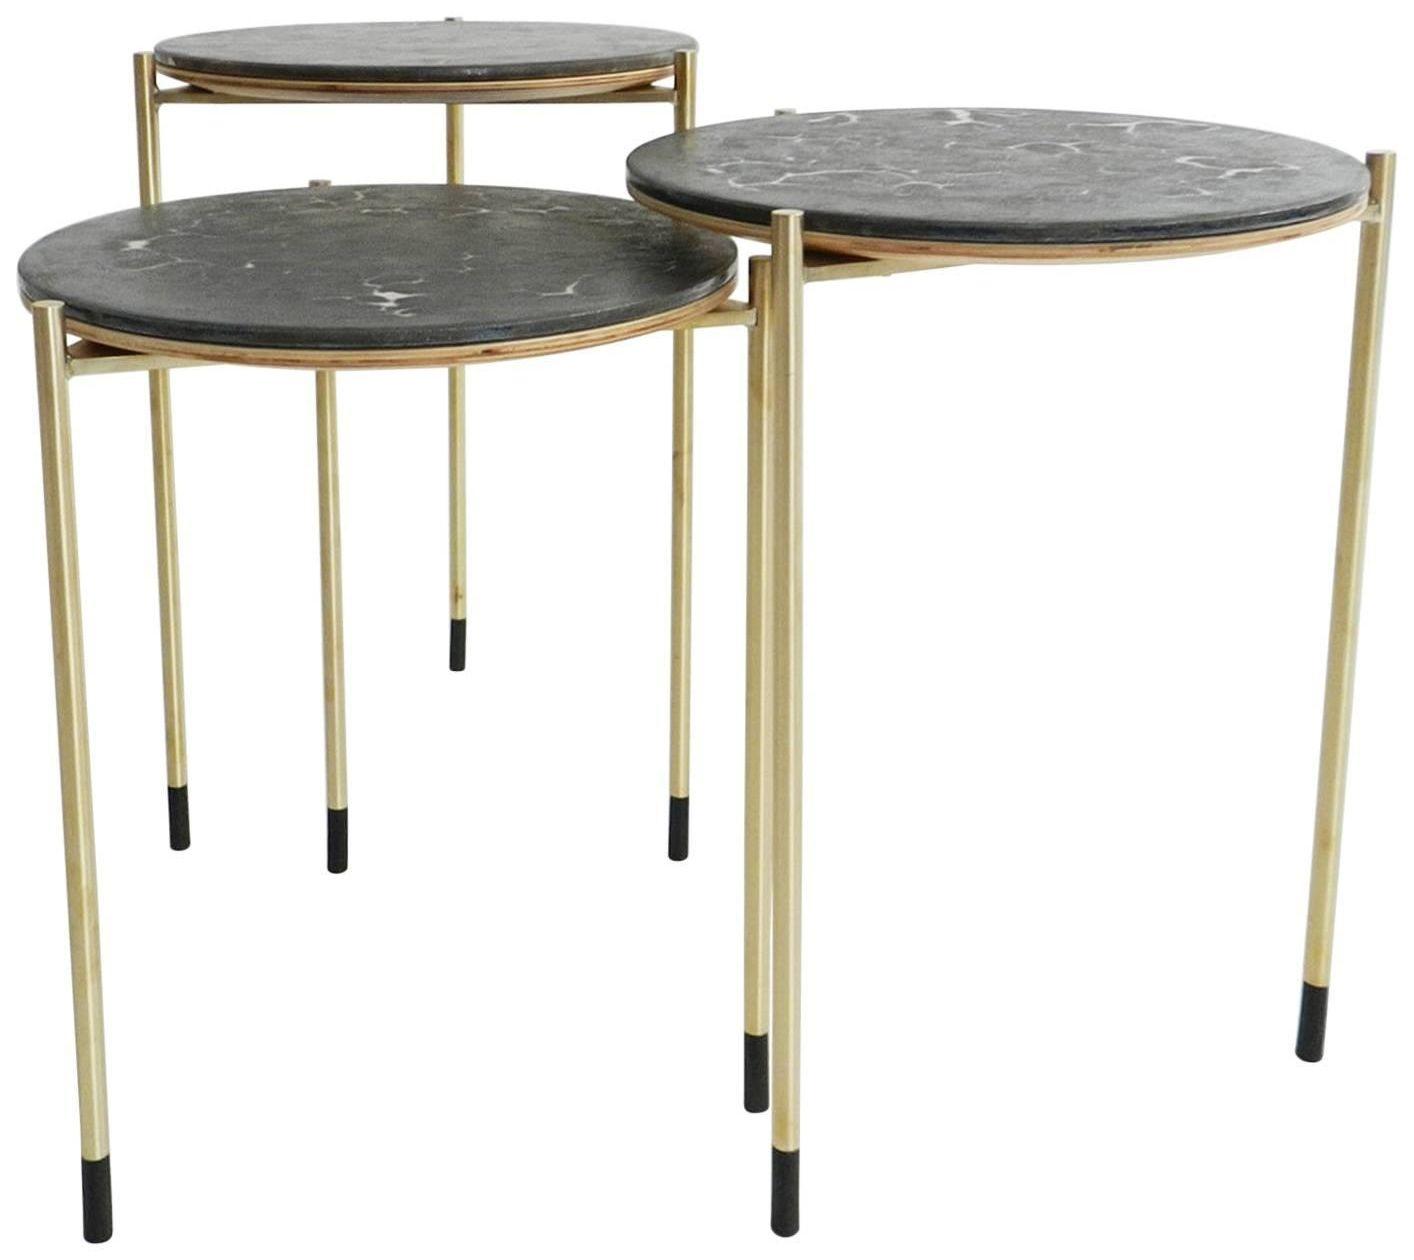 Veruska Gennari Tables Side Night Pinterest Tables # Modele Des Tables Pour Television Plasma En Fer Forge